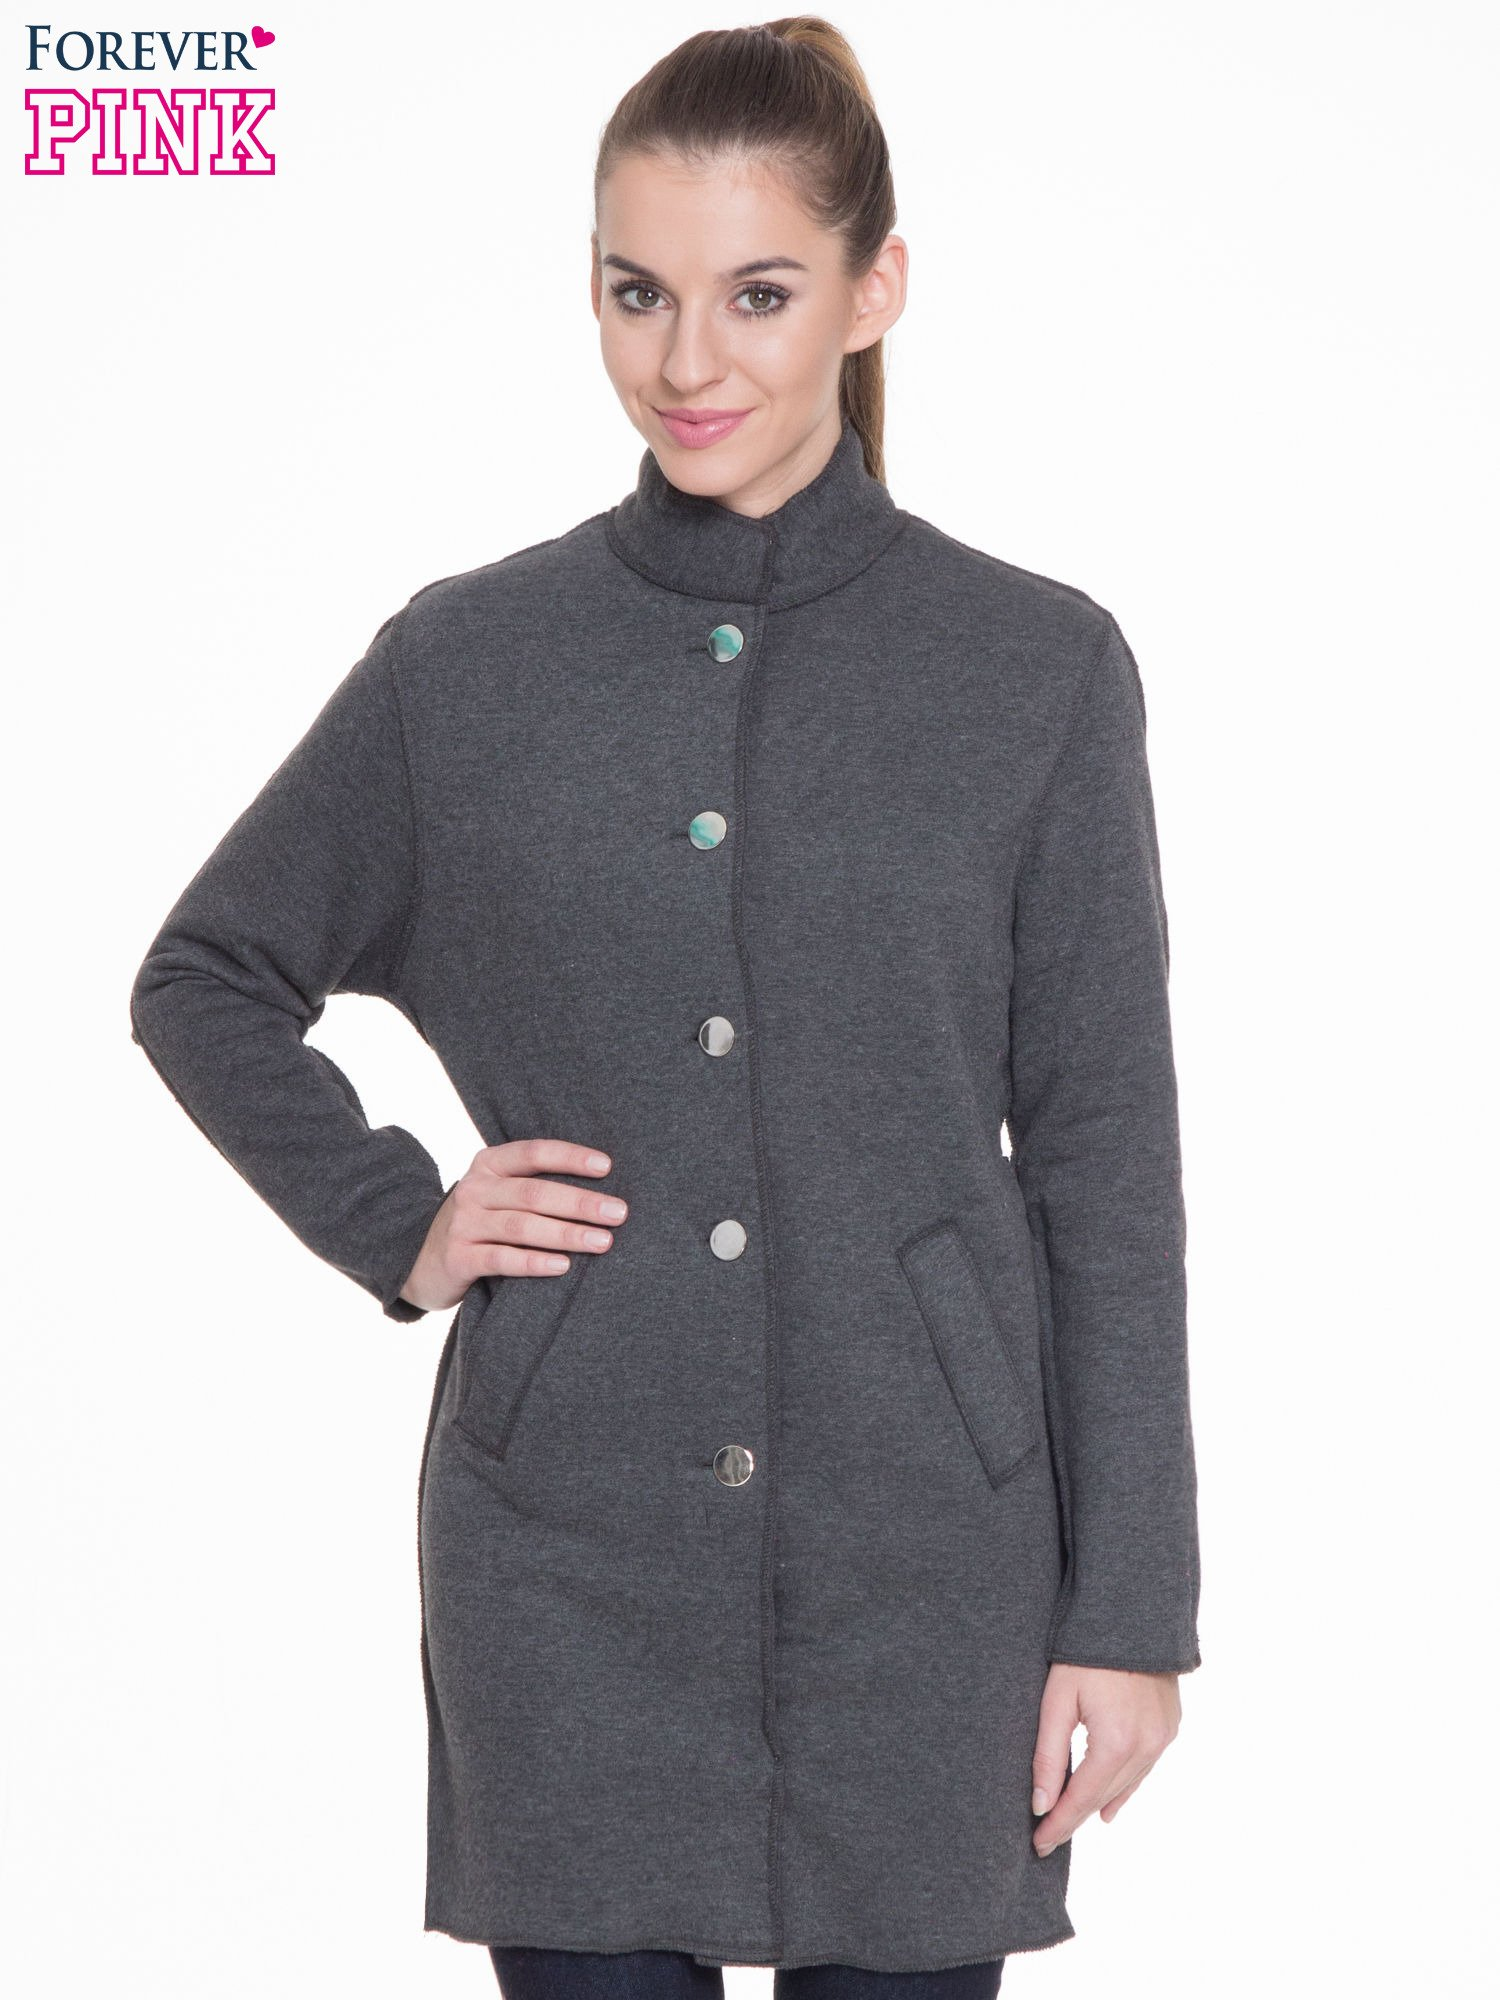 Ciemnoszary dresowy płaszcz o kroju oversize                                  zdj.                                  1